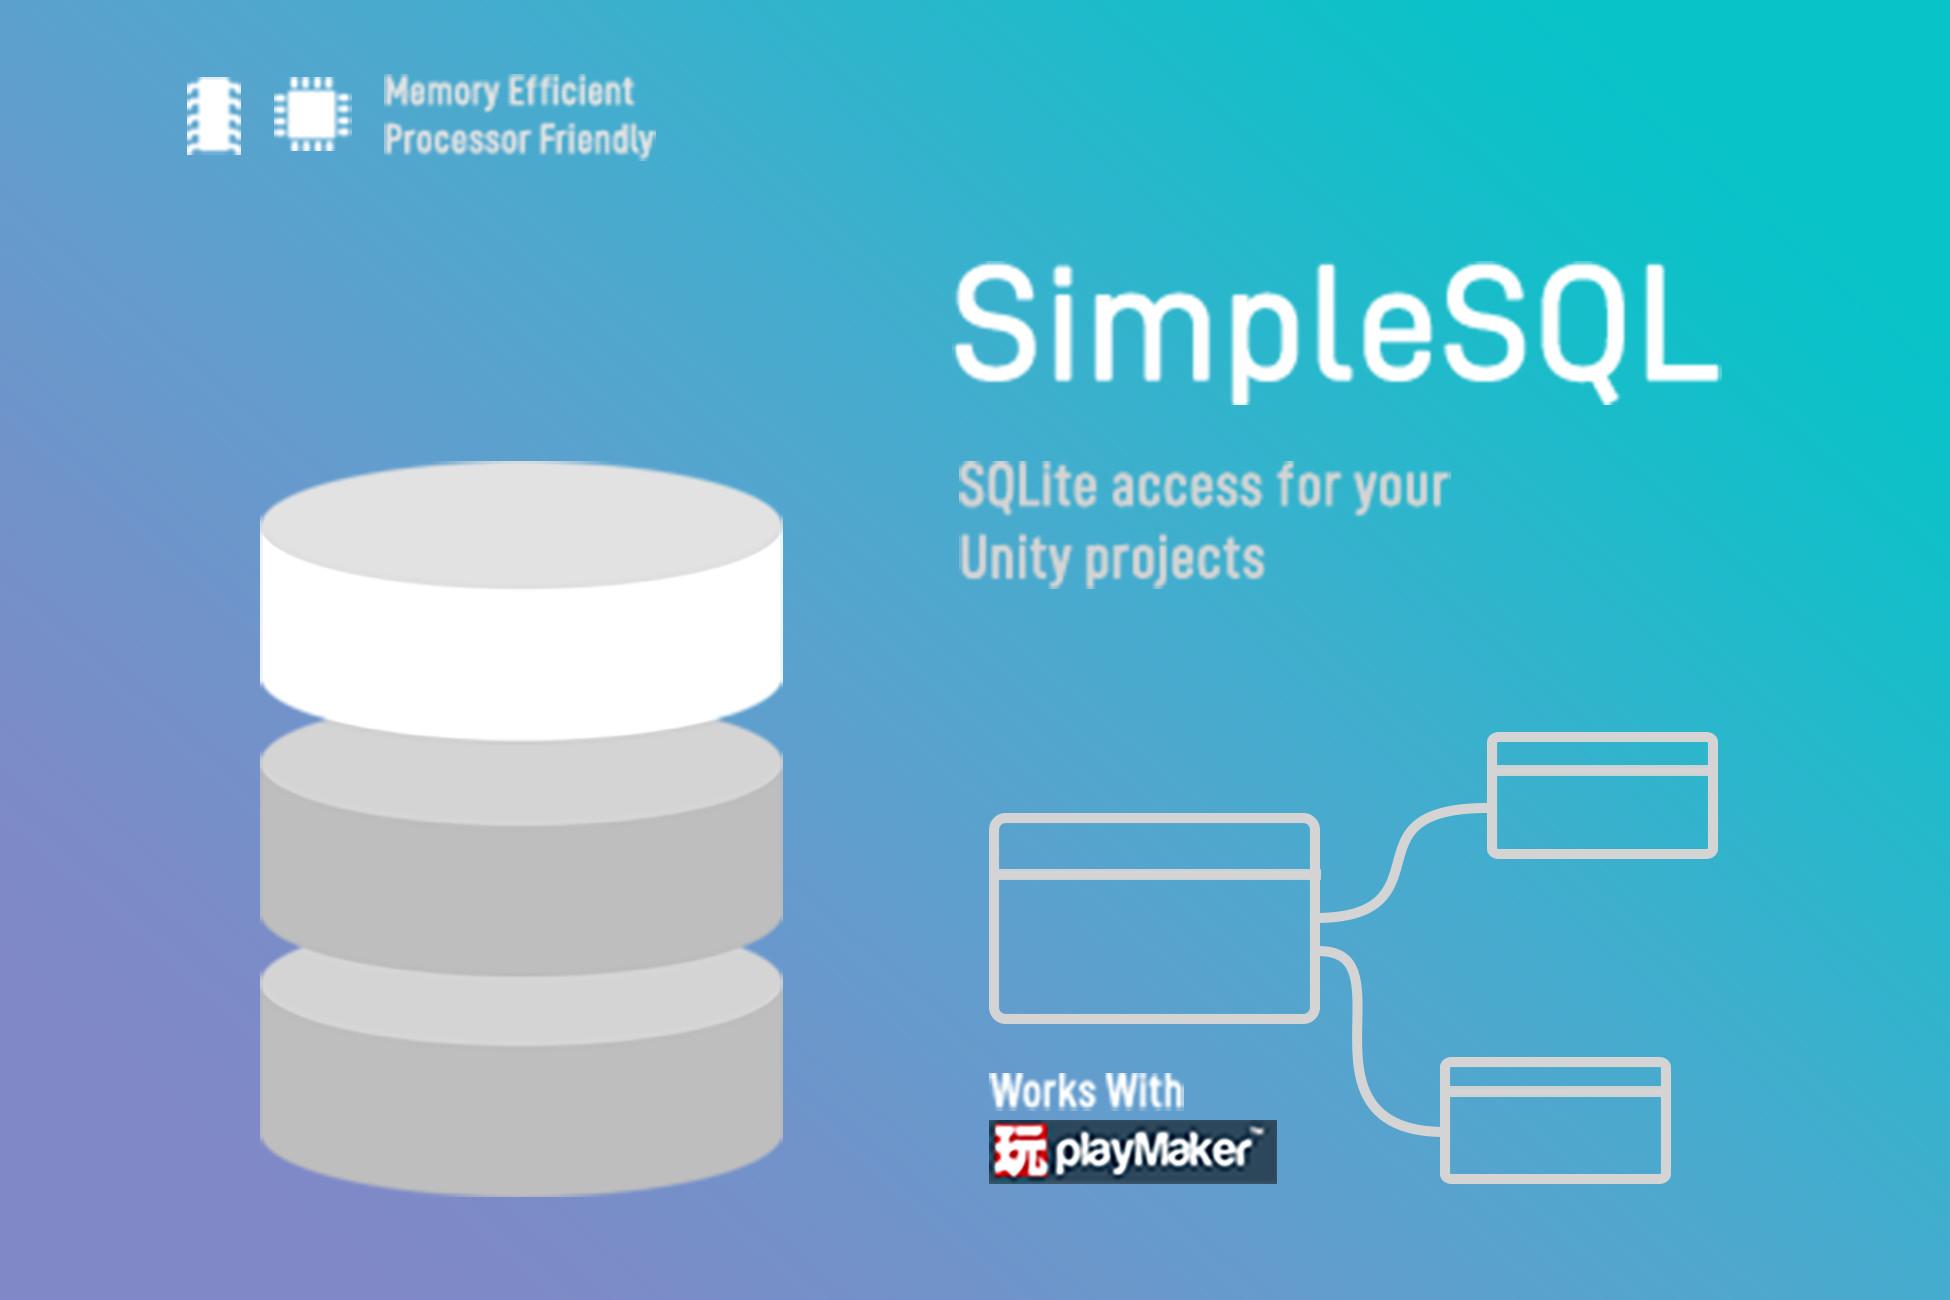 SimpleSQL